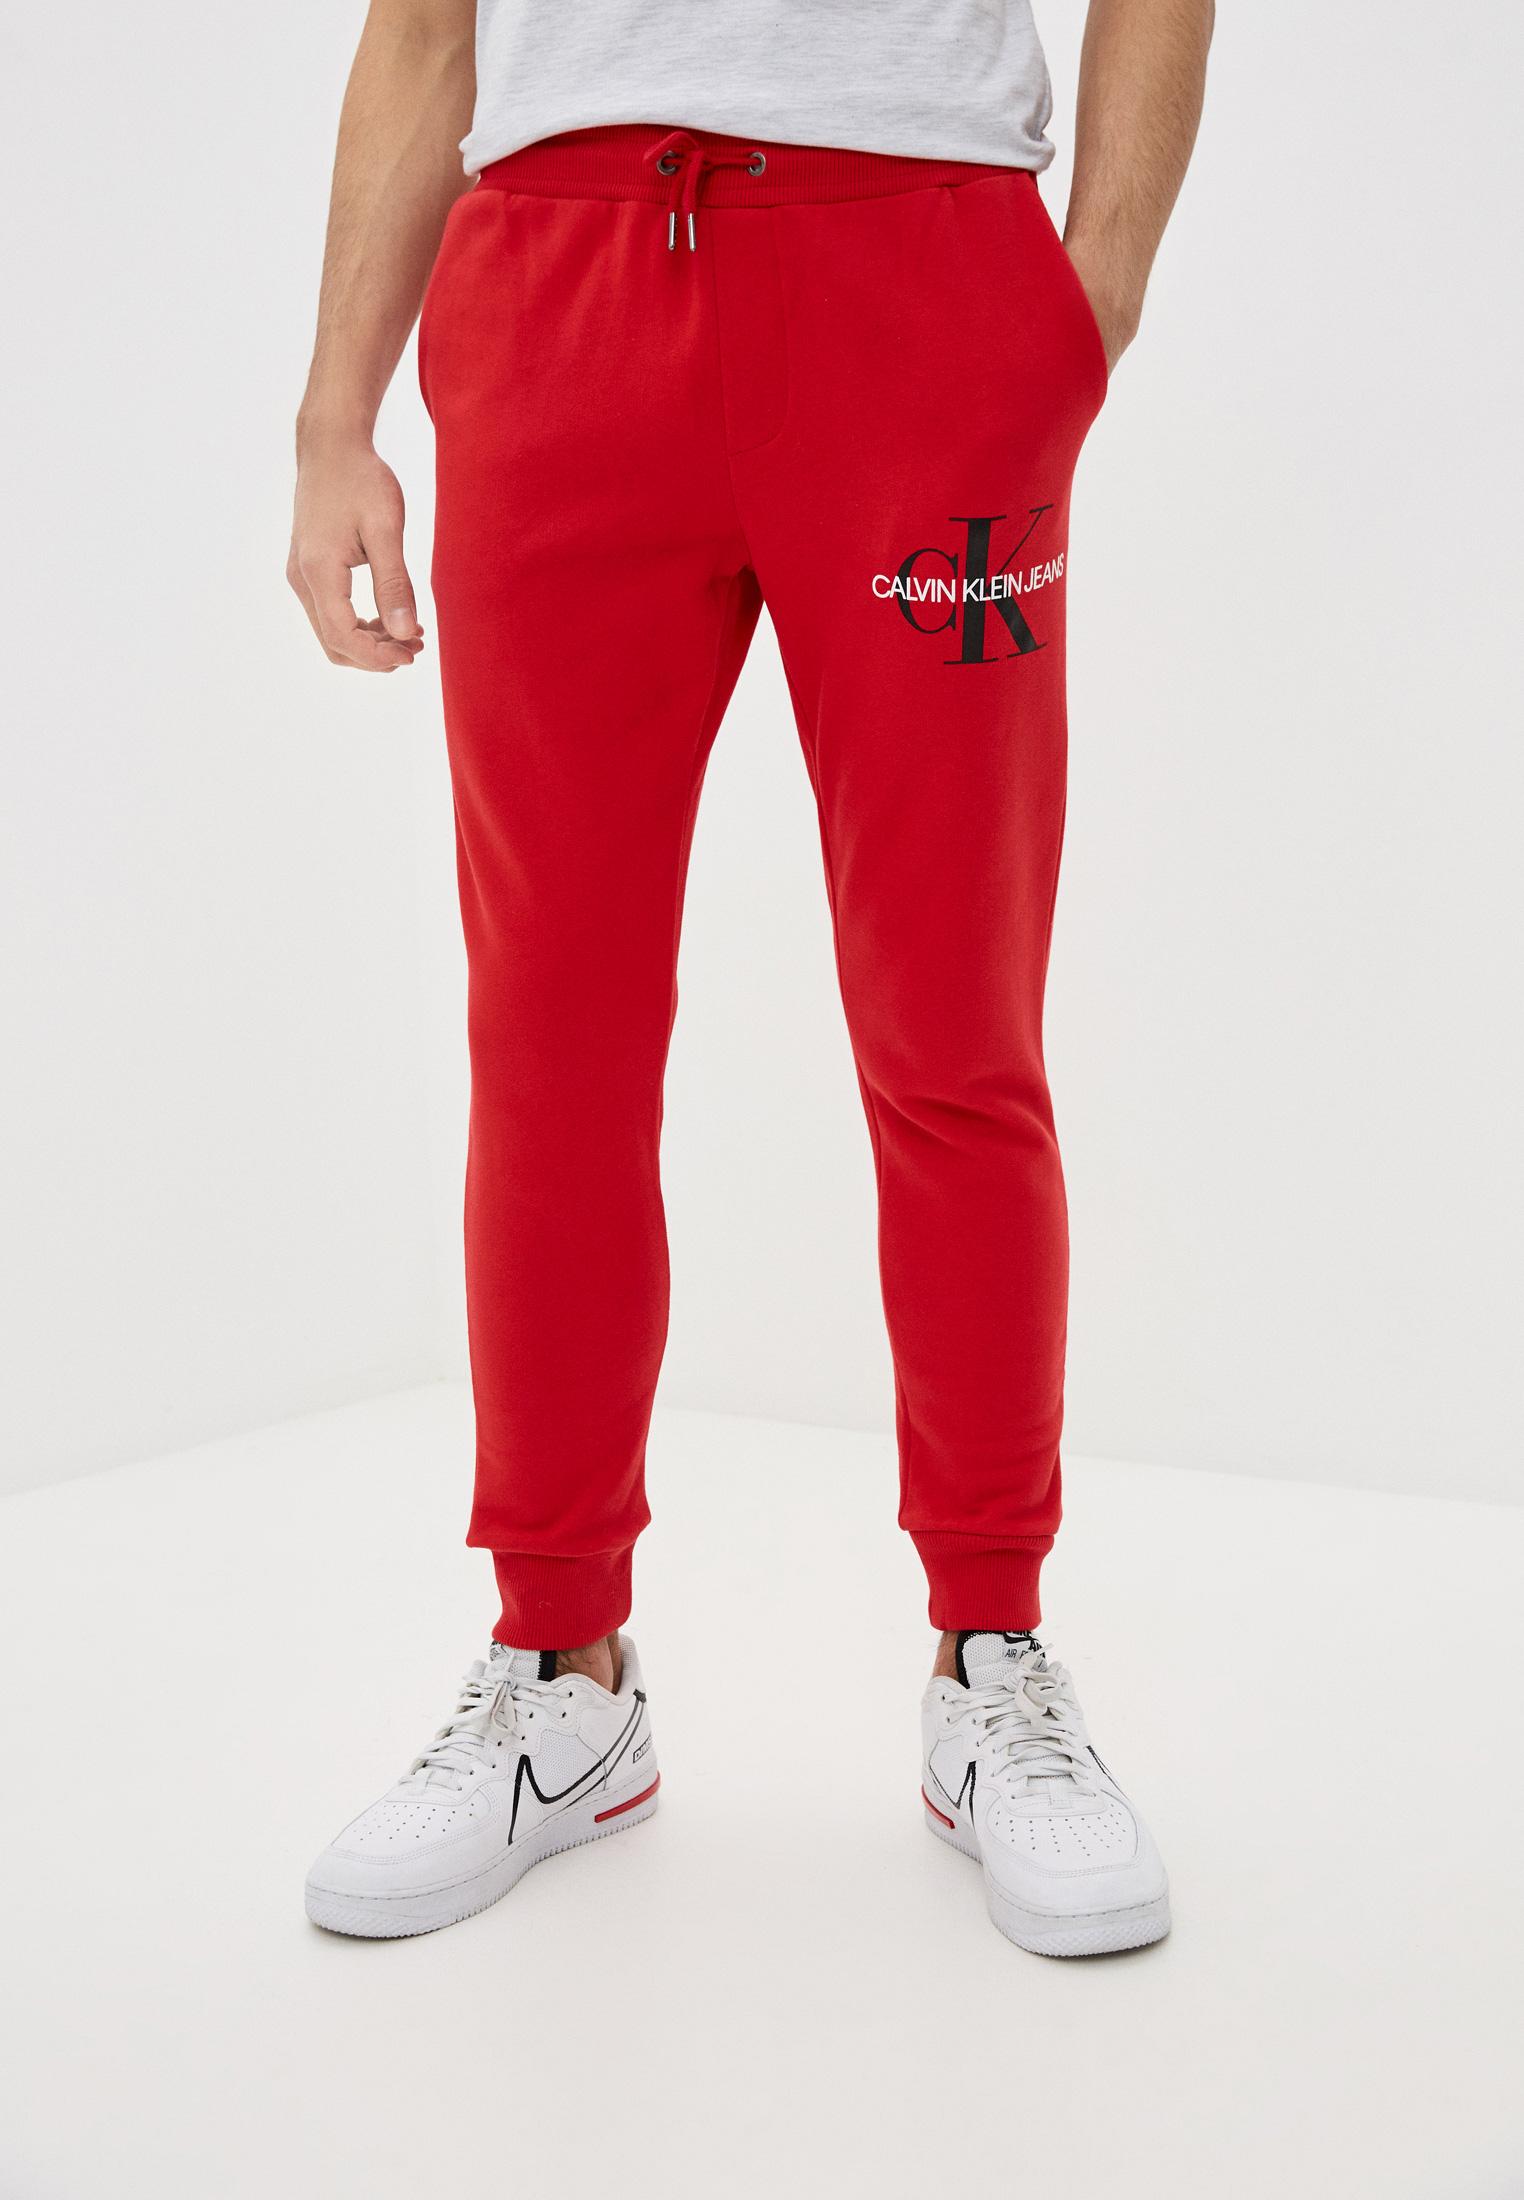 Мужские спортивные брюки Calvin Klein Jeans Брюки спортивные Calvin Klein Jeans